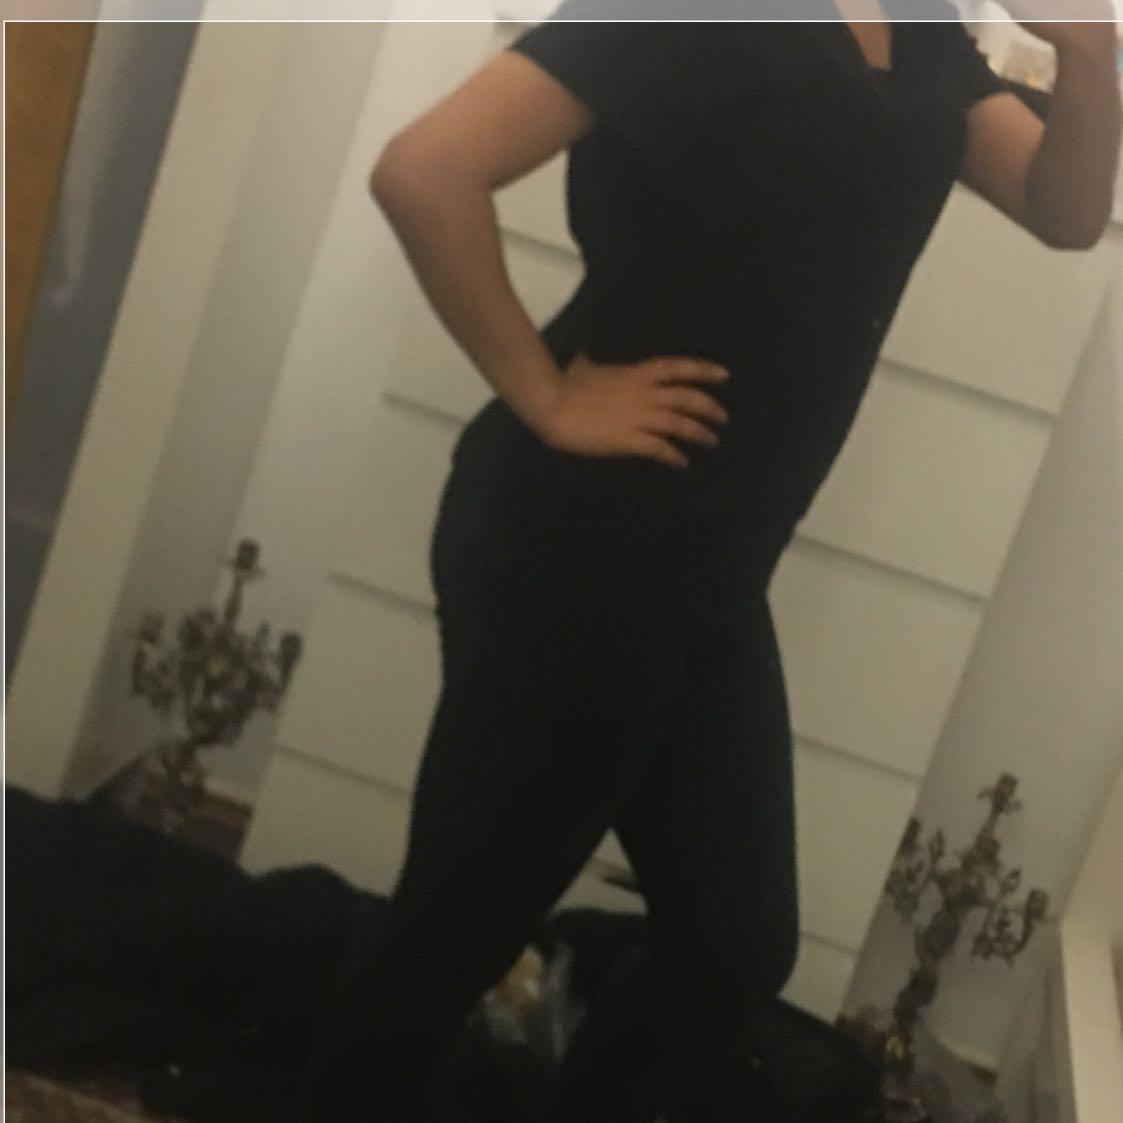 Welche Figurform habe ich? (Frauen, Beine, Figur)